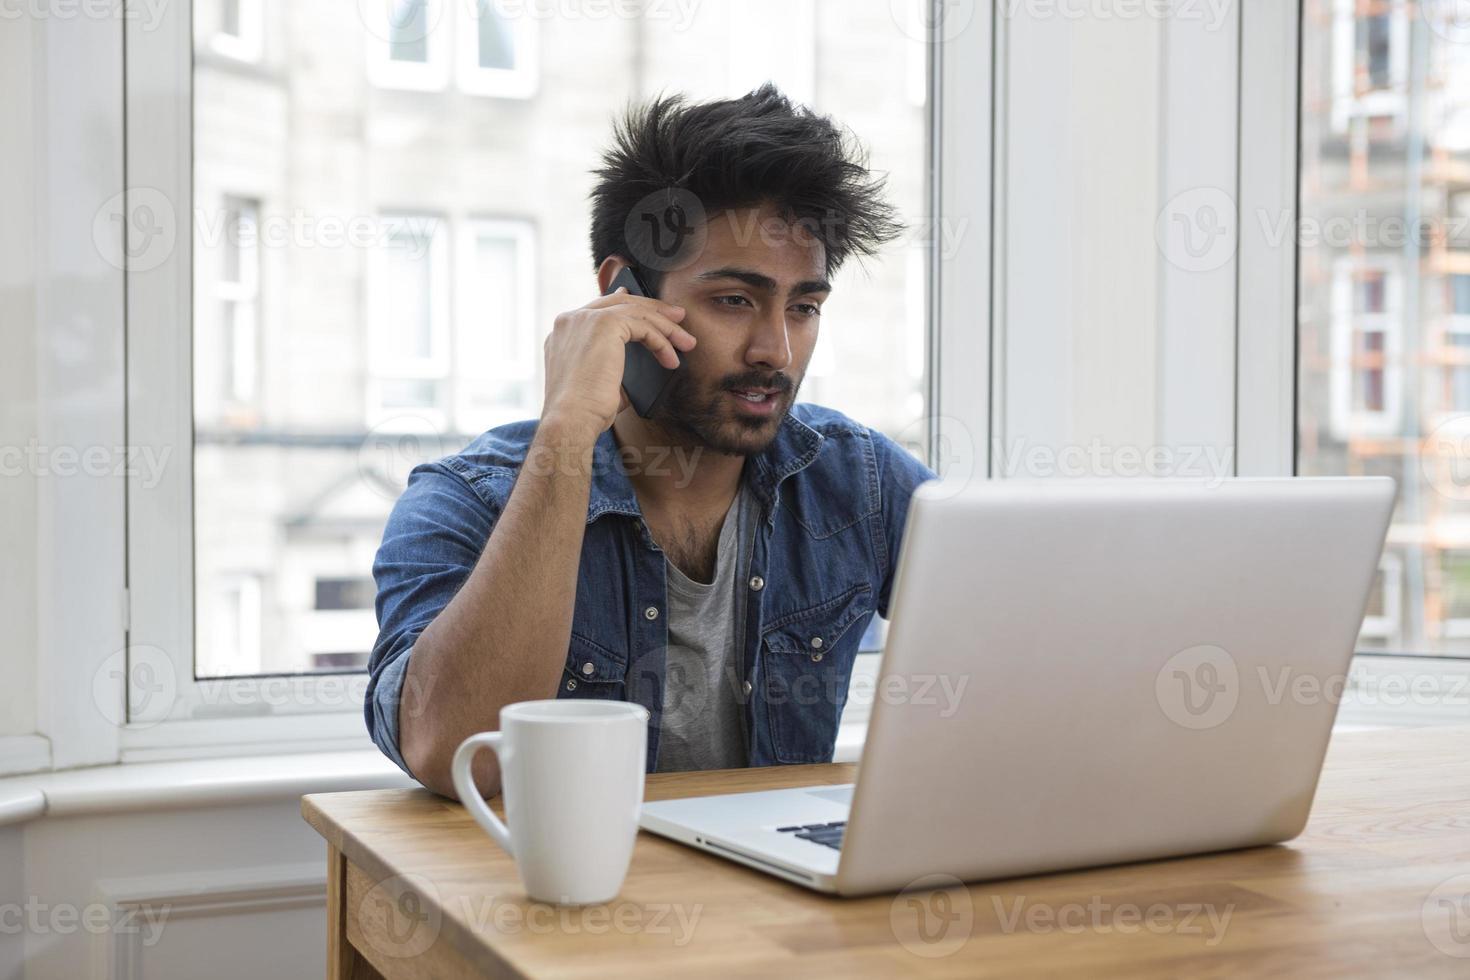 asiatisk man hemma arbetar på bärbar dator. foto